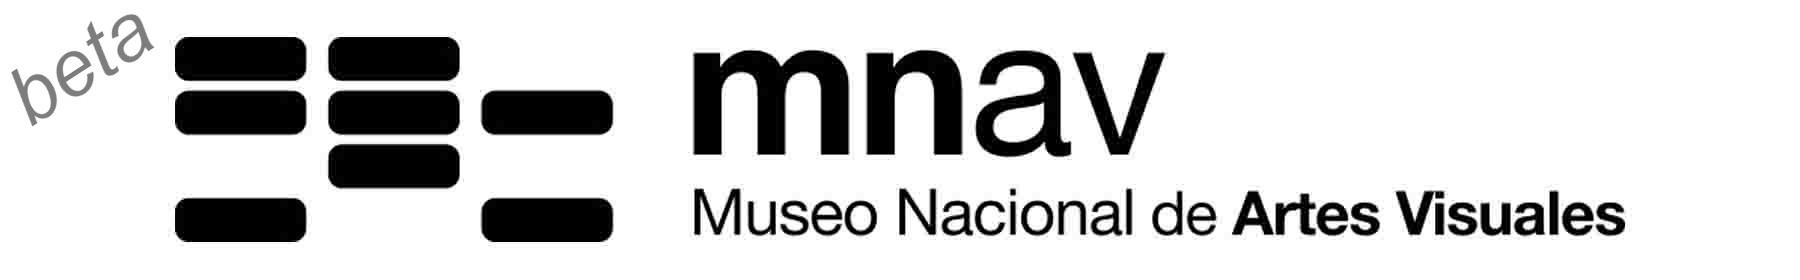 Al inicio del Museo Nacional de Artes Visuales